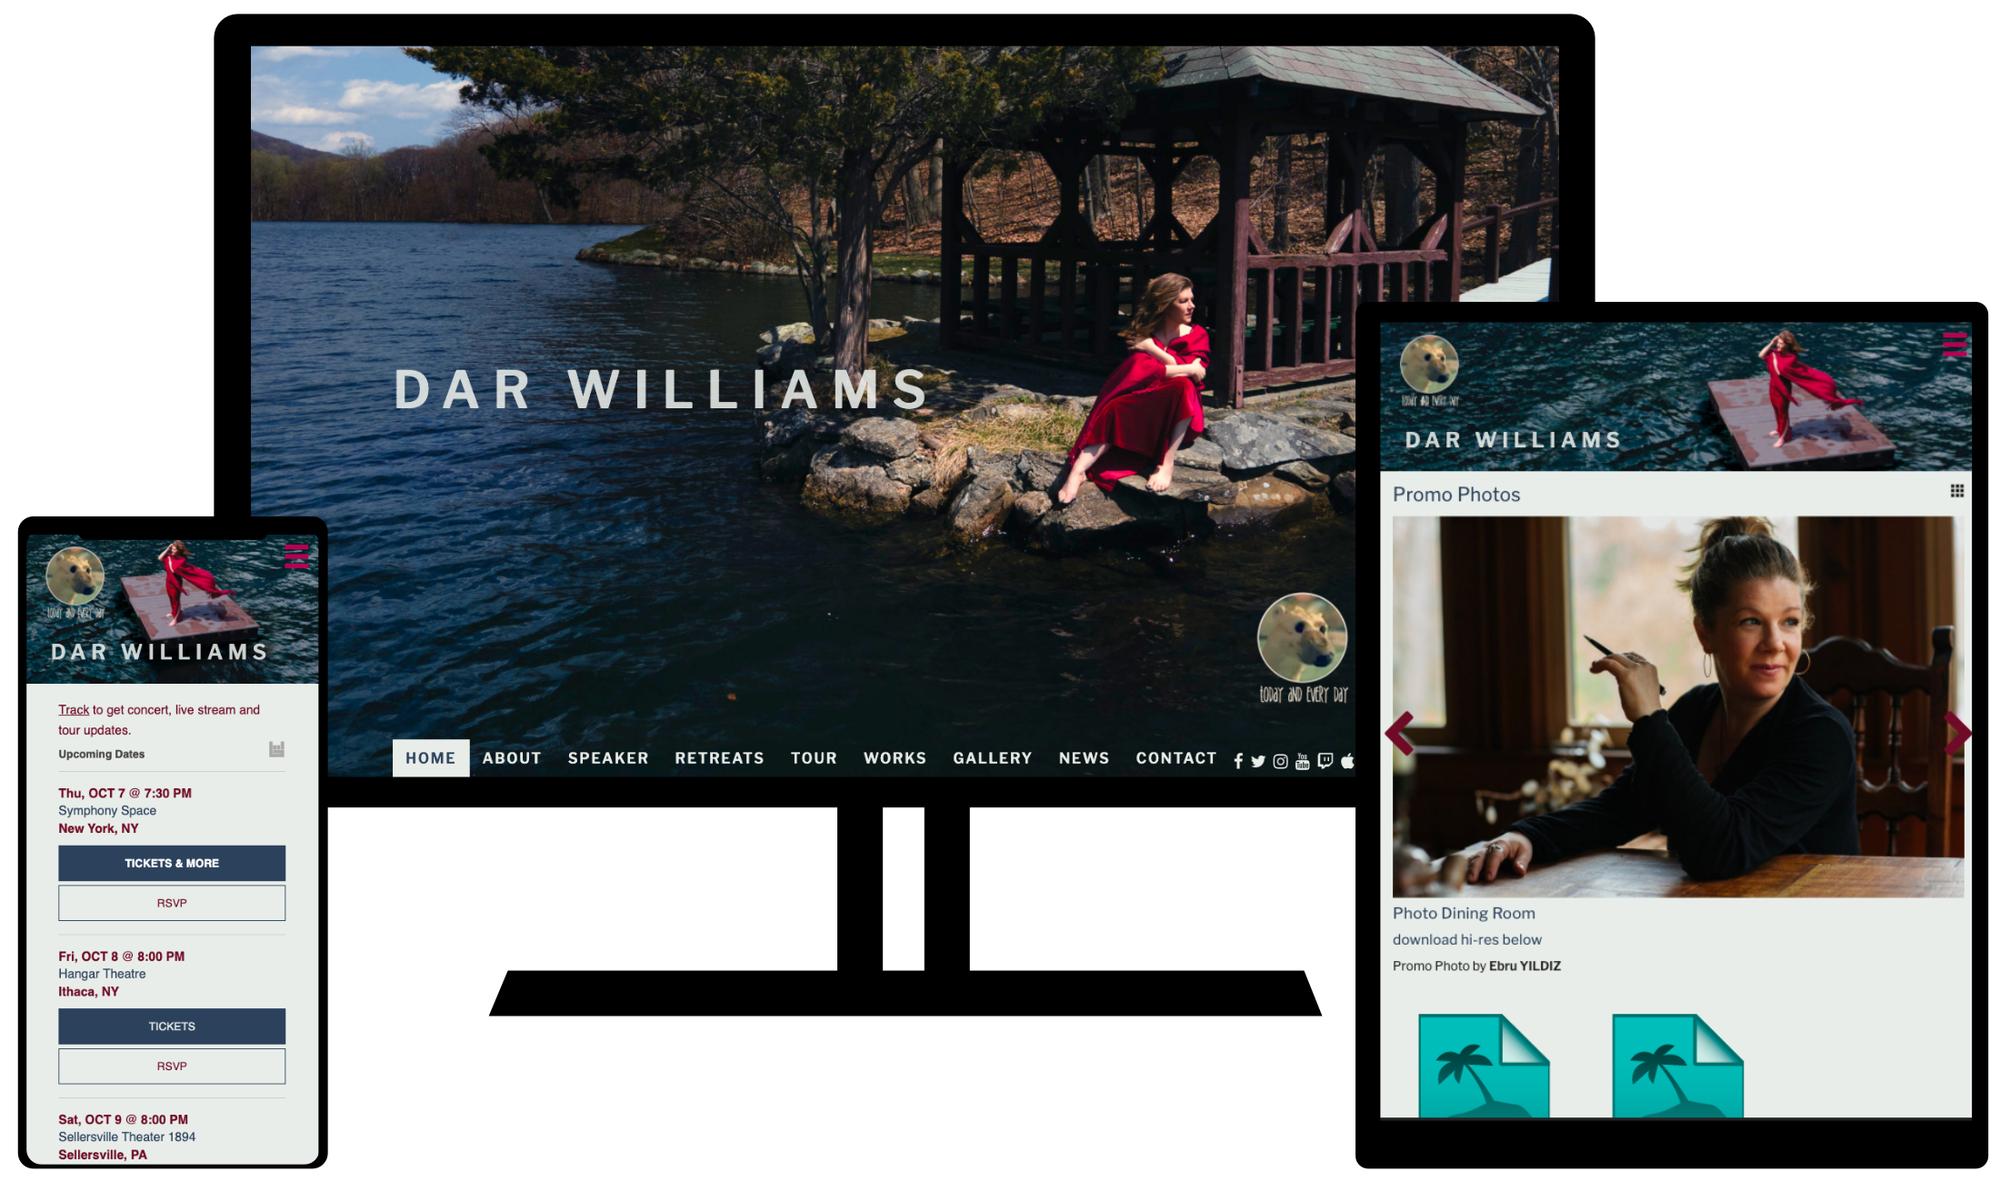 Dar Williams Website on mobile, tablet, and desktop